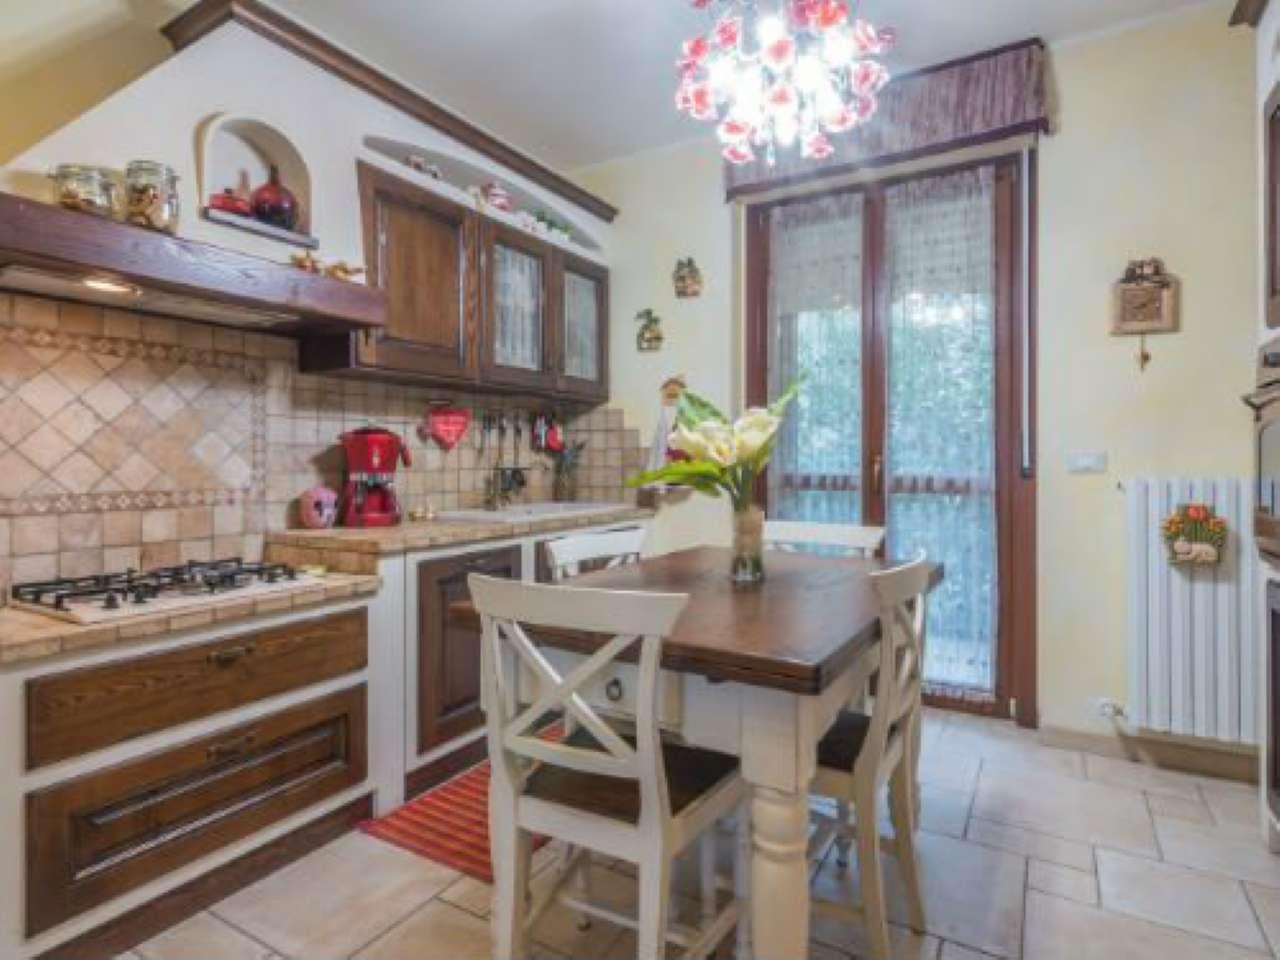 Appartamento in vendita a Agugliano, 3 locali, prezzo € 135.000 | PortaleAgenzieImmobiliari.it